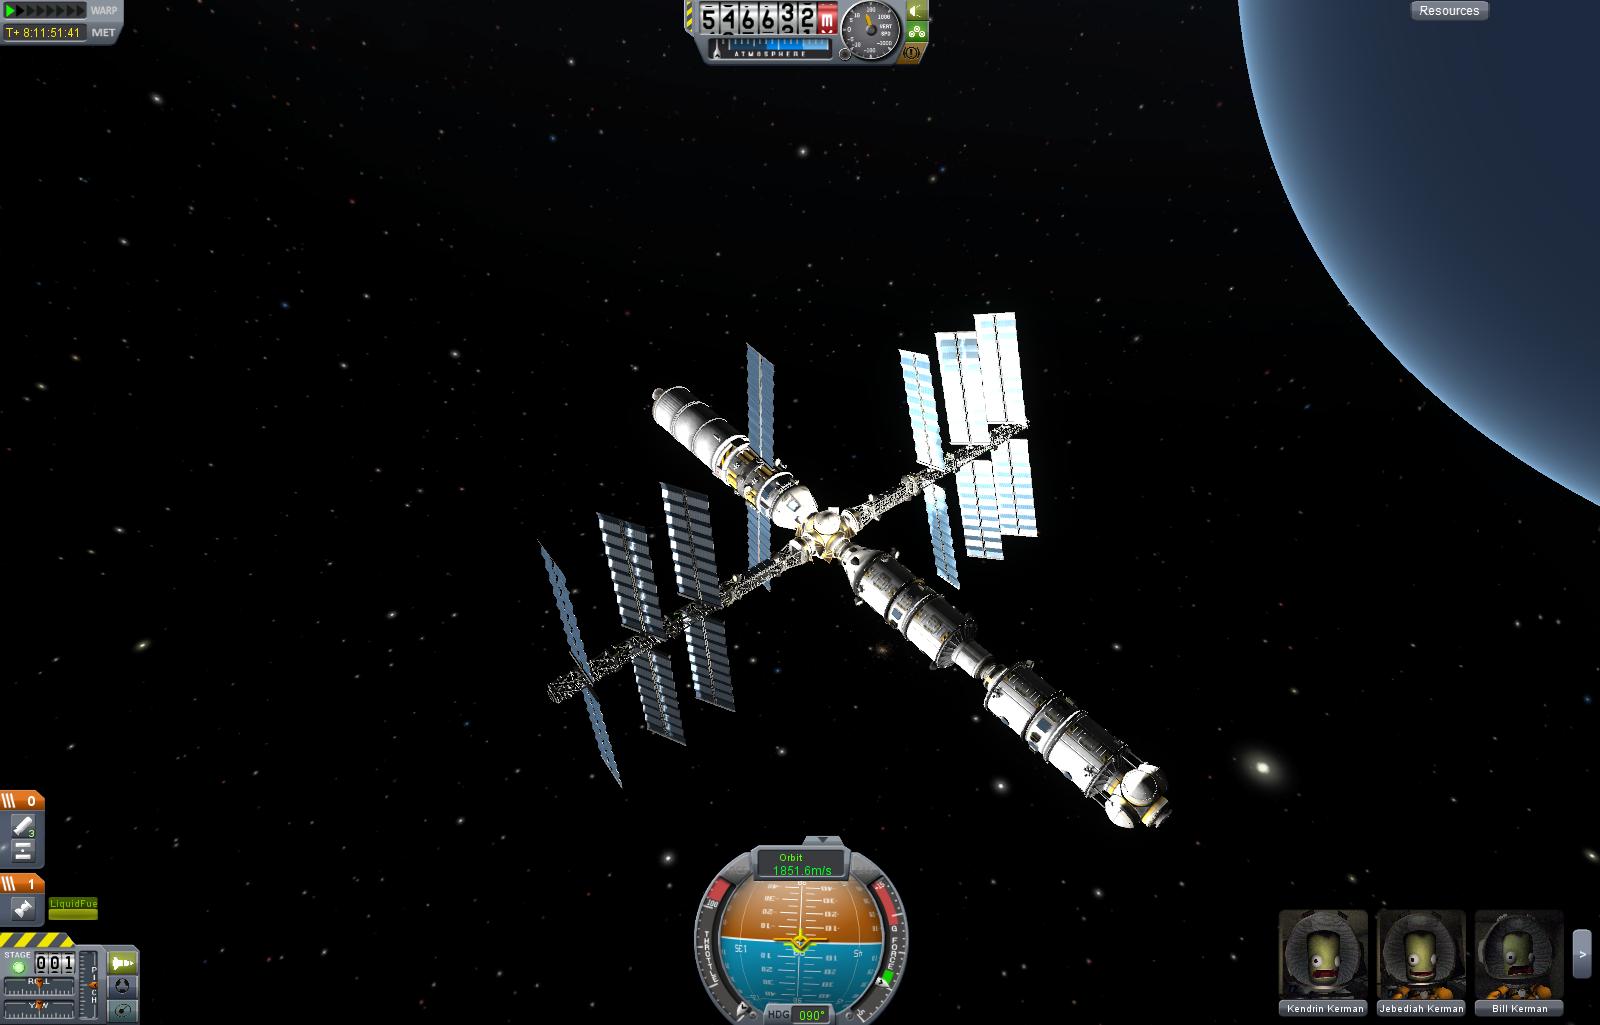 Space engine (CRPES , voyage au confins de l'univers ) - Page 3 13010709254113504910739336